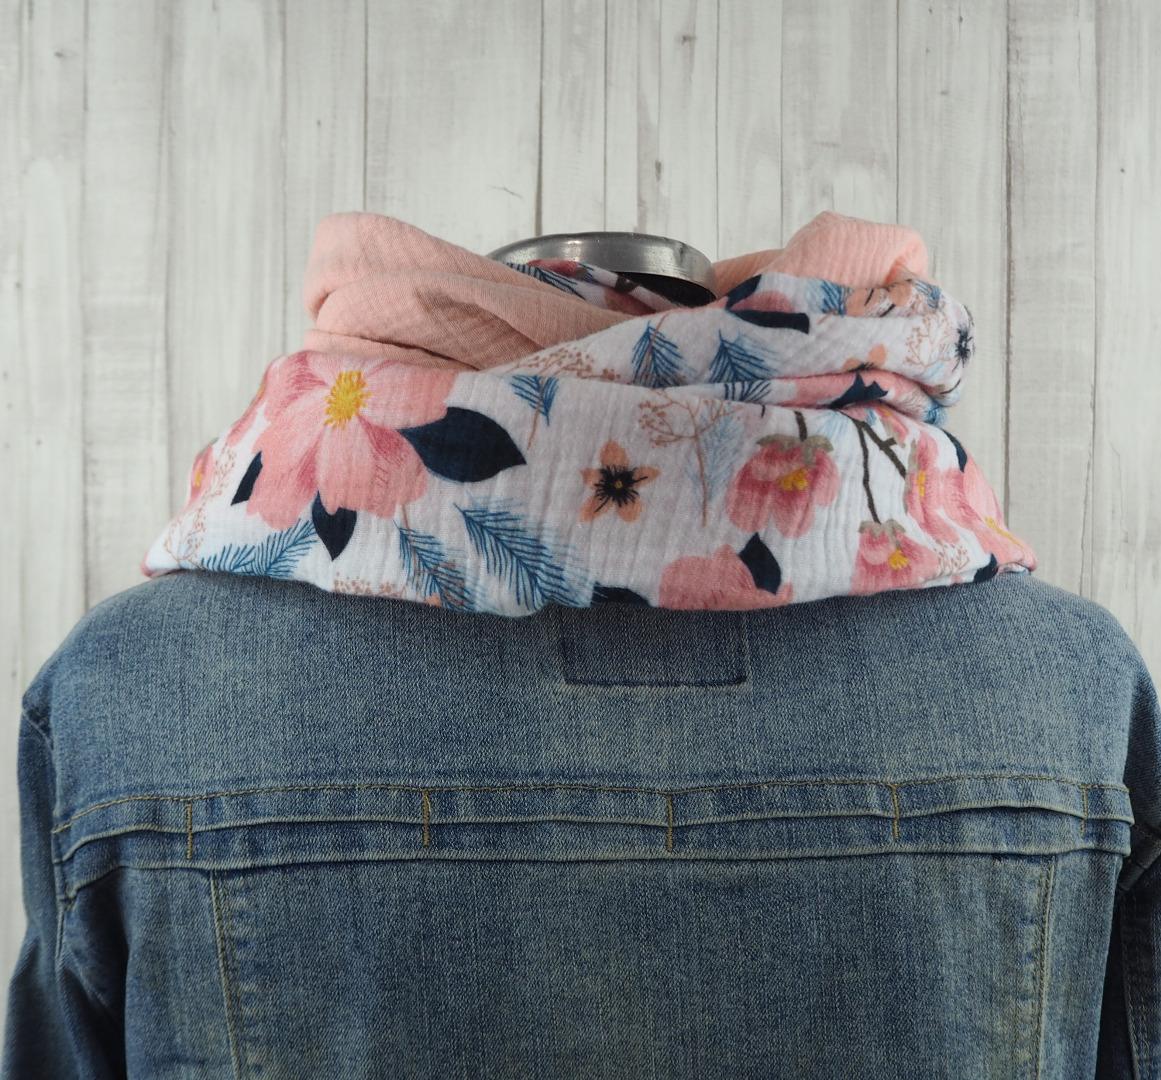 Tuch Dreieckstuch aus Musselin mehrfarbig Blütenzweige